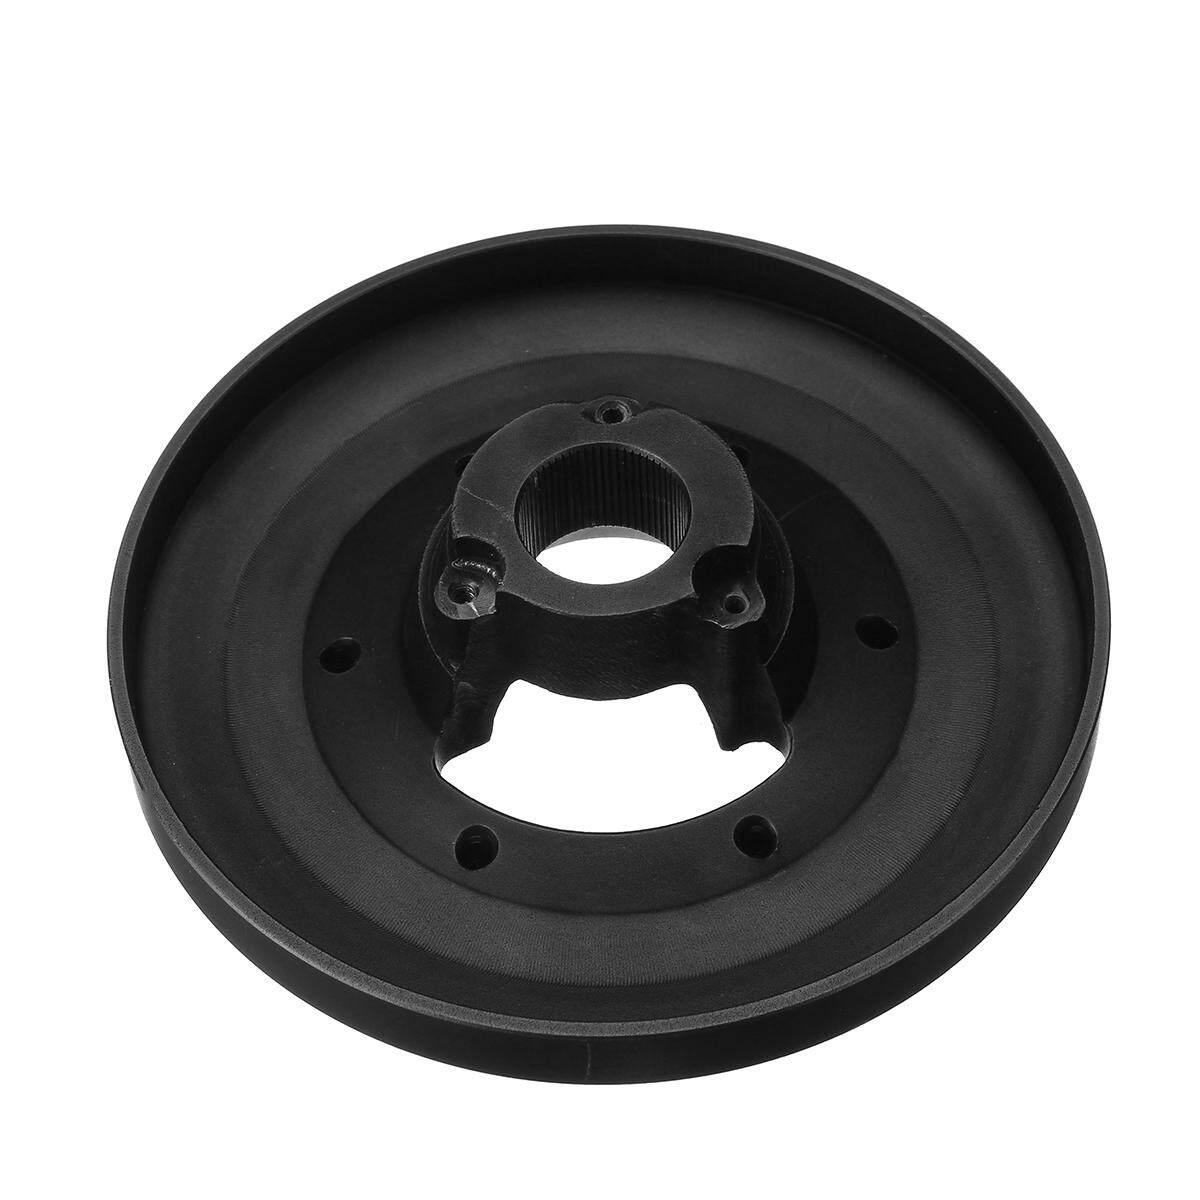 Steering Wheel Short Hub Adapter Kit For 91-98 BMW E36 3-SERIES 318i 325 328i M3